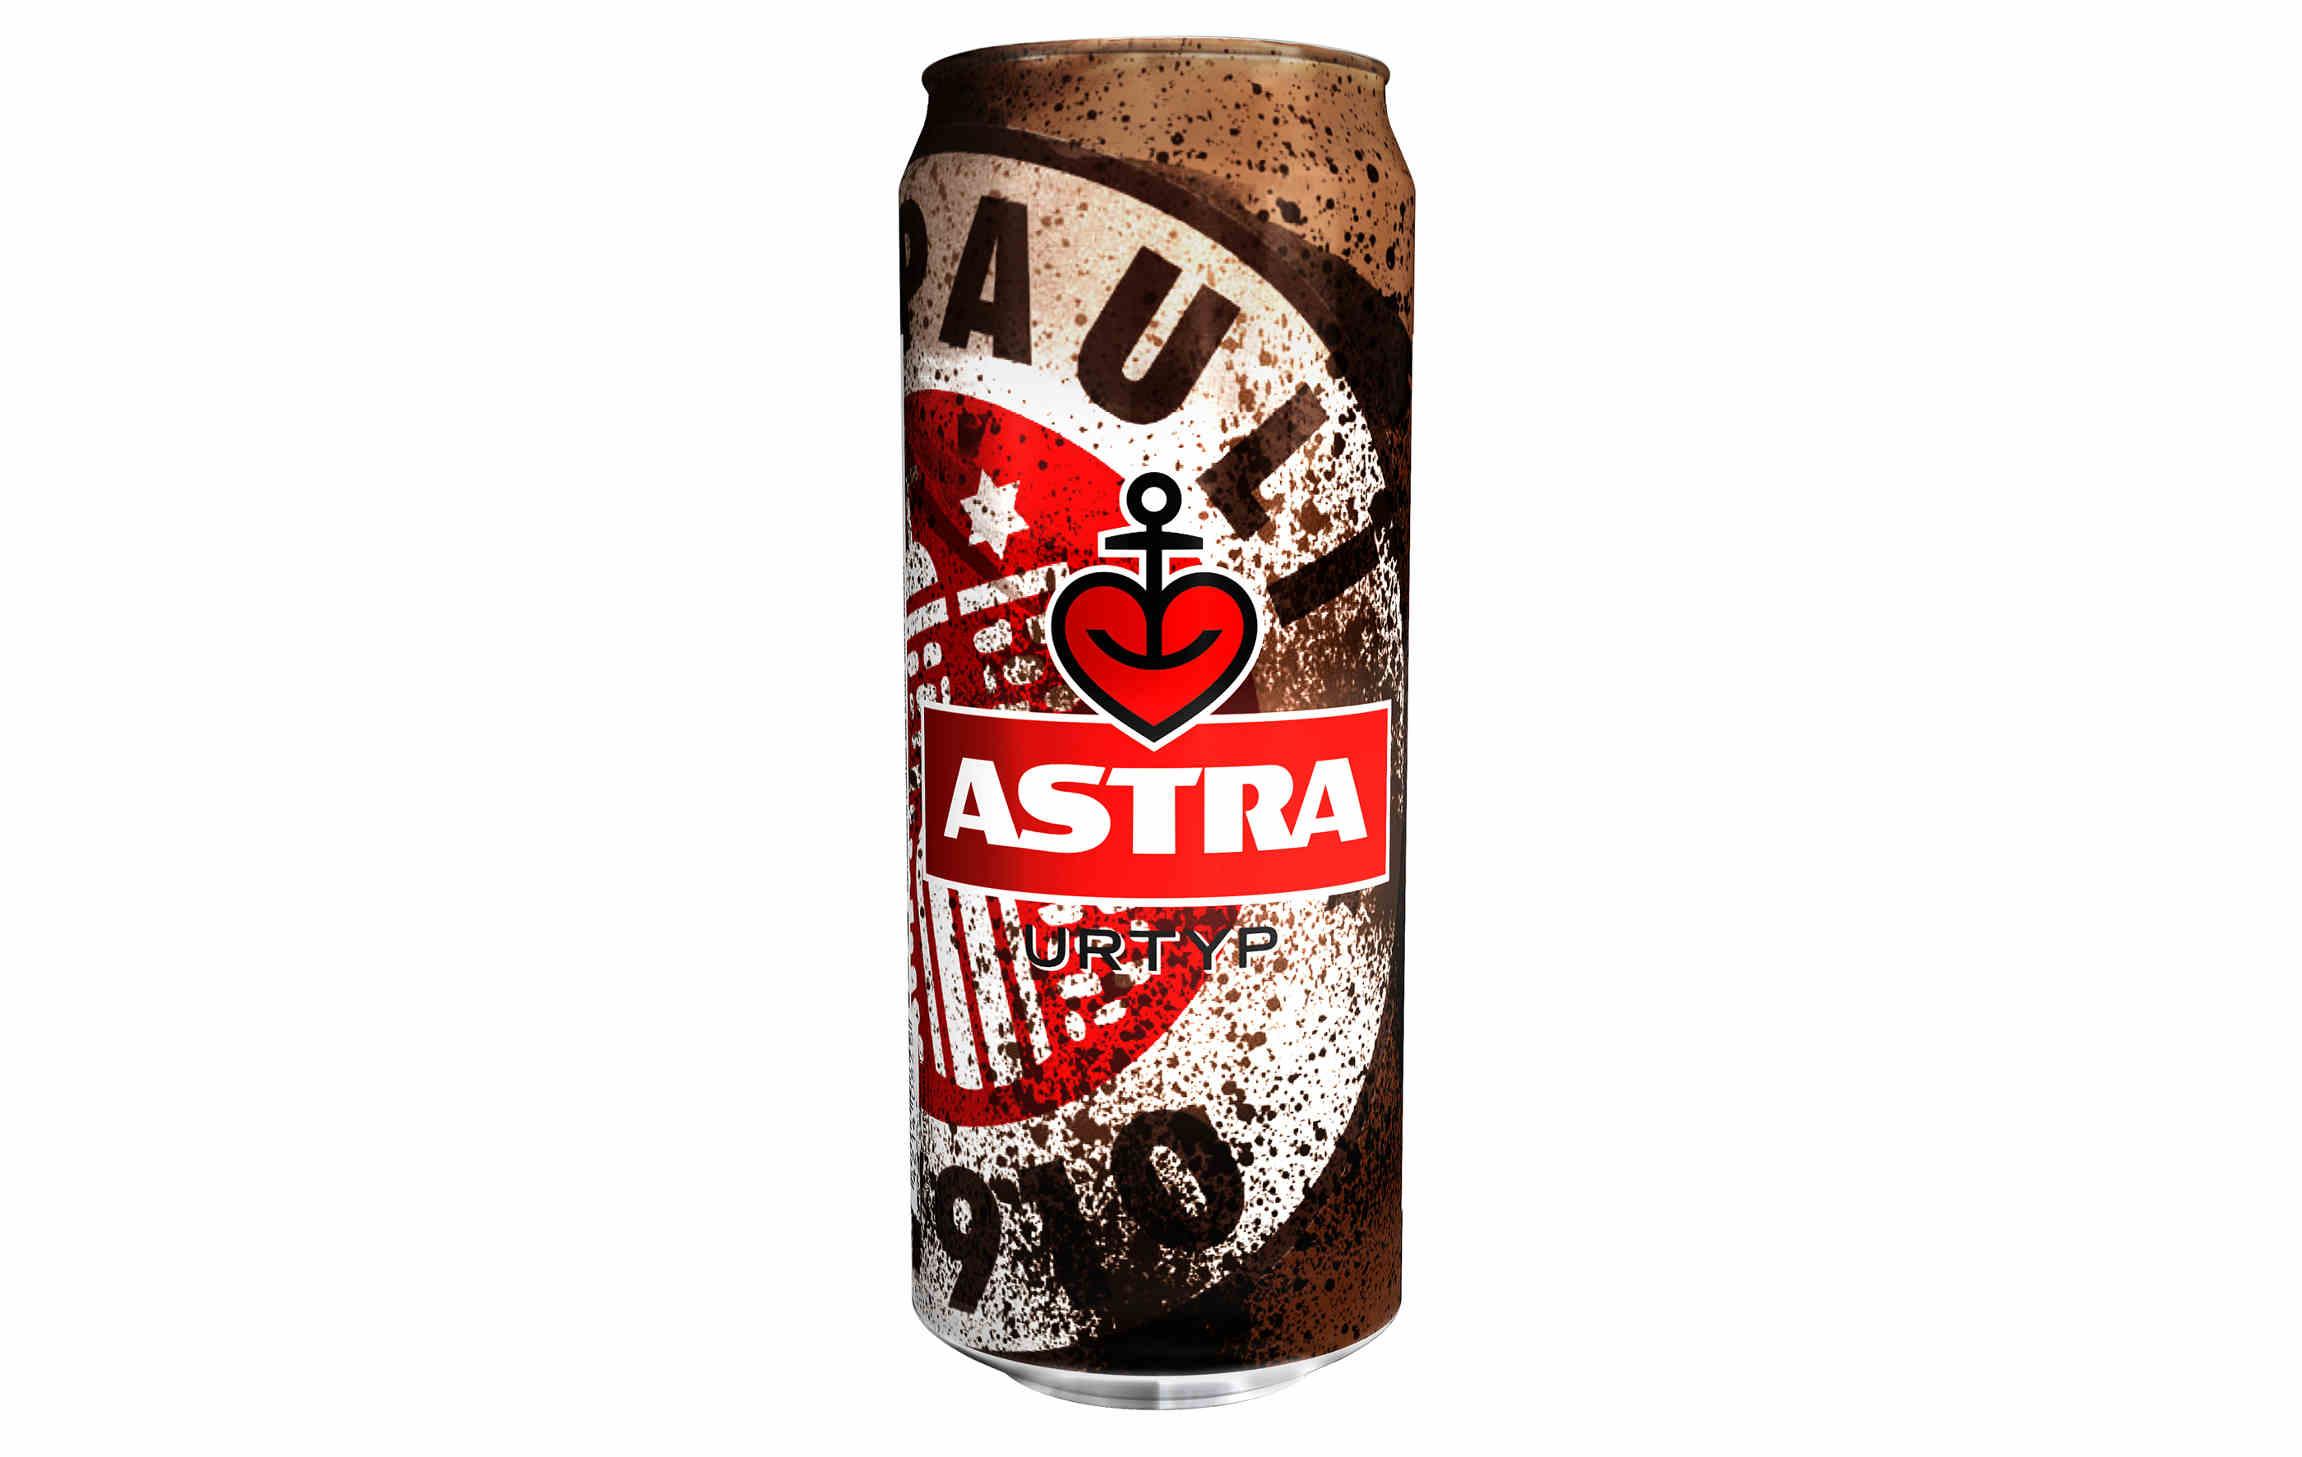 Astra Fan Dose Foto: Brauerei